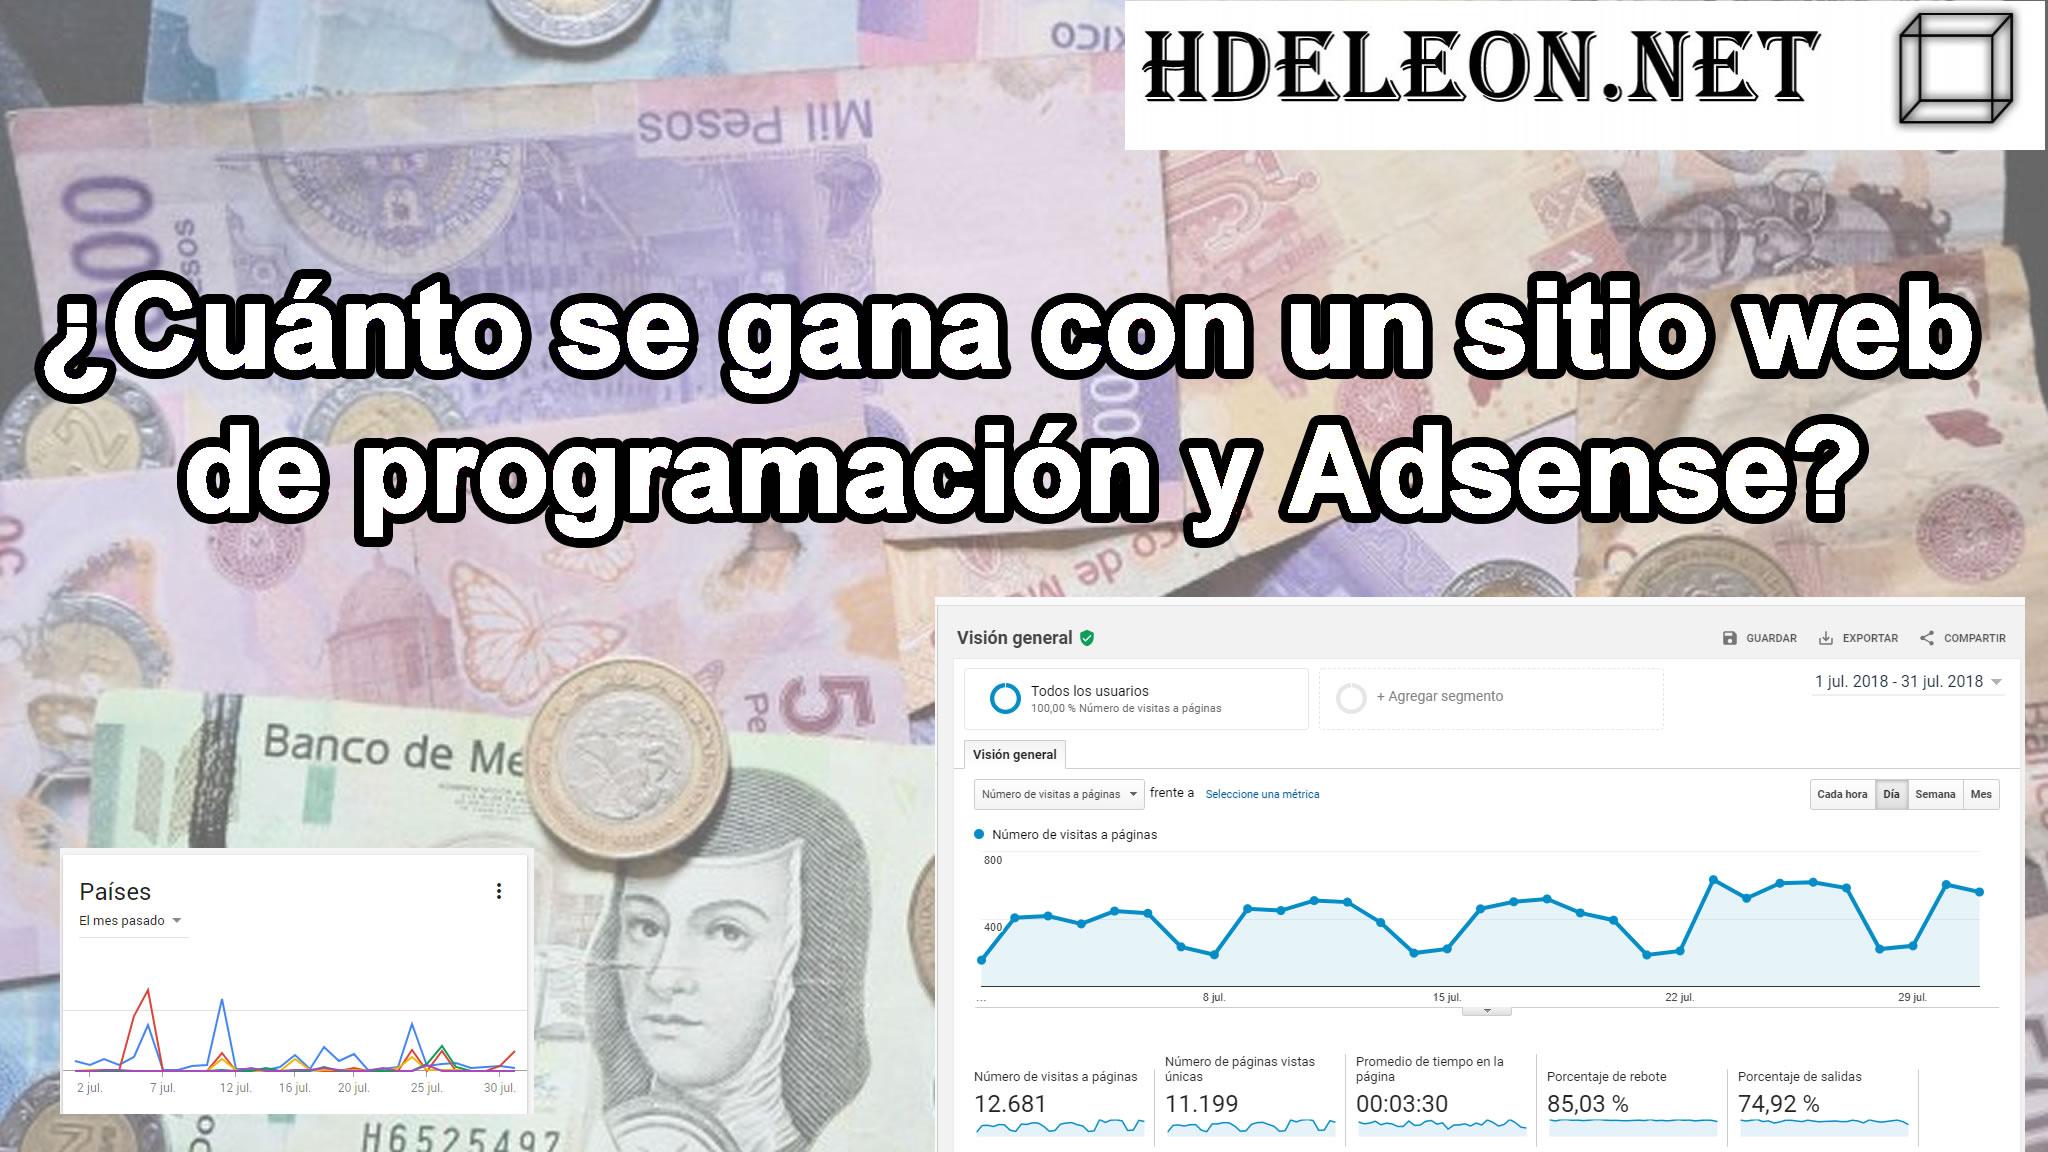 ¿Cuánto se gana con un sitio web de programación y #adsense?, Con pruebas reales, 2018